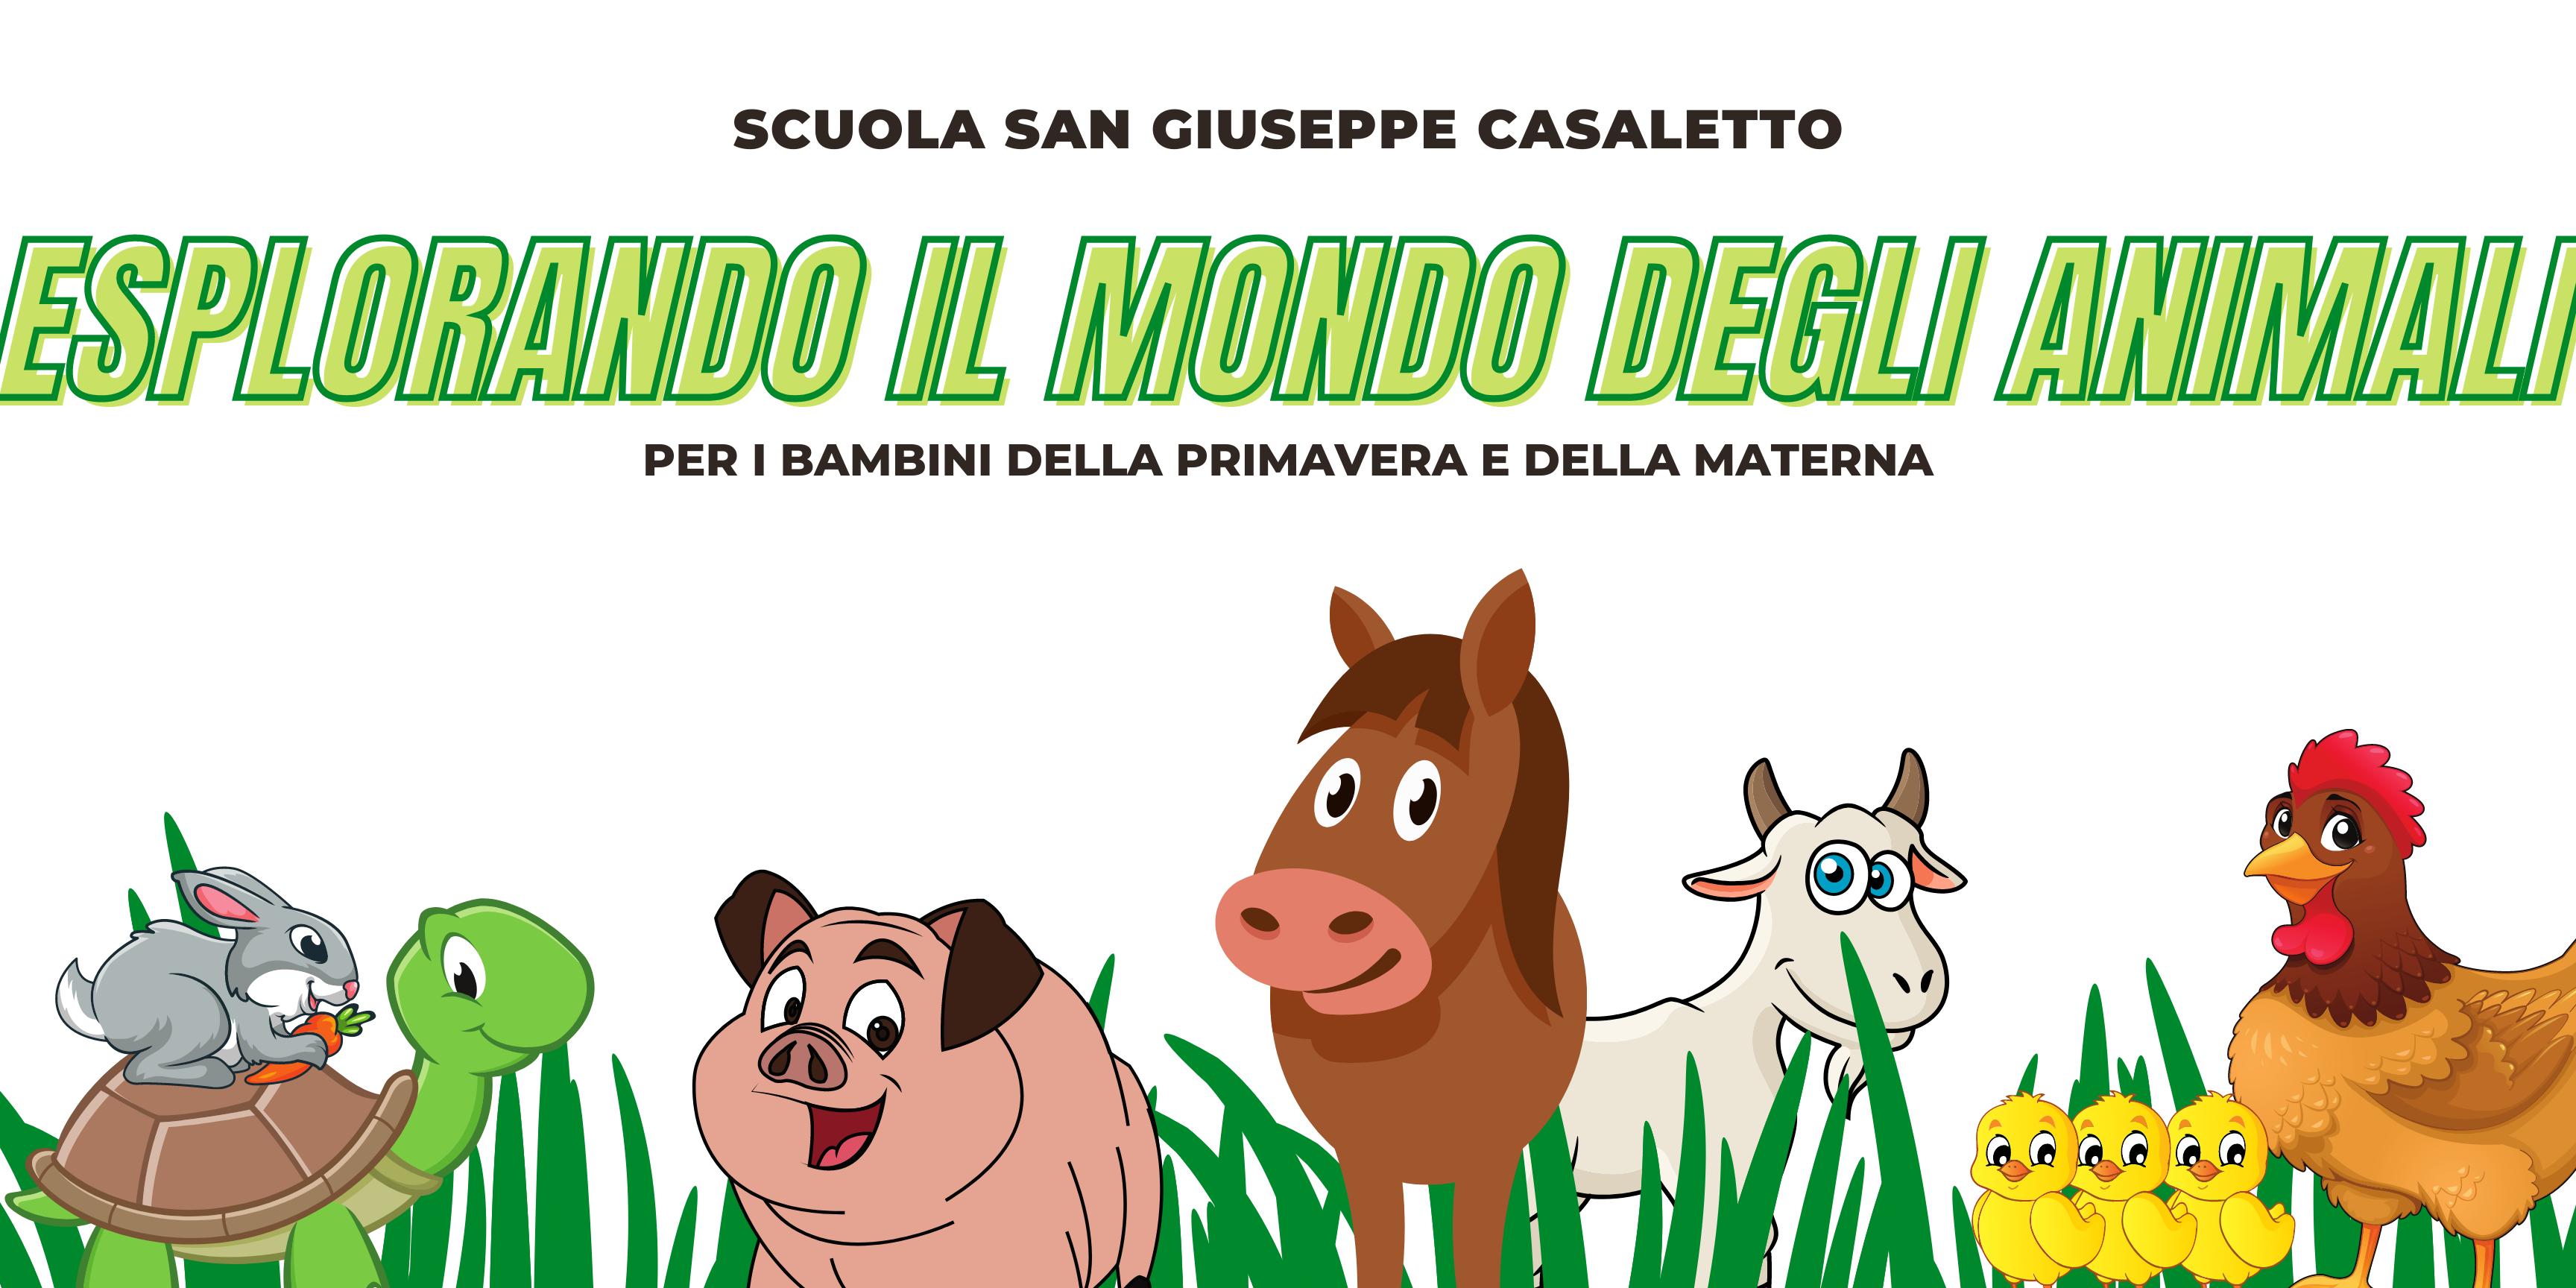 Banner Scuola San Giuseppe